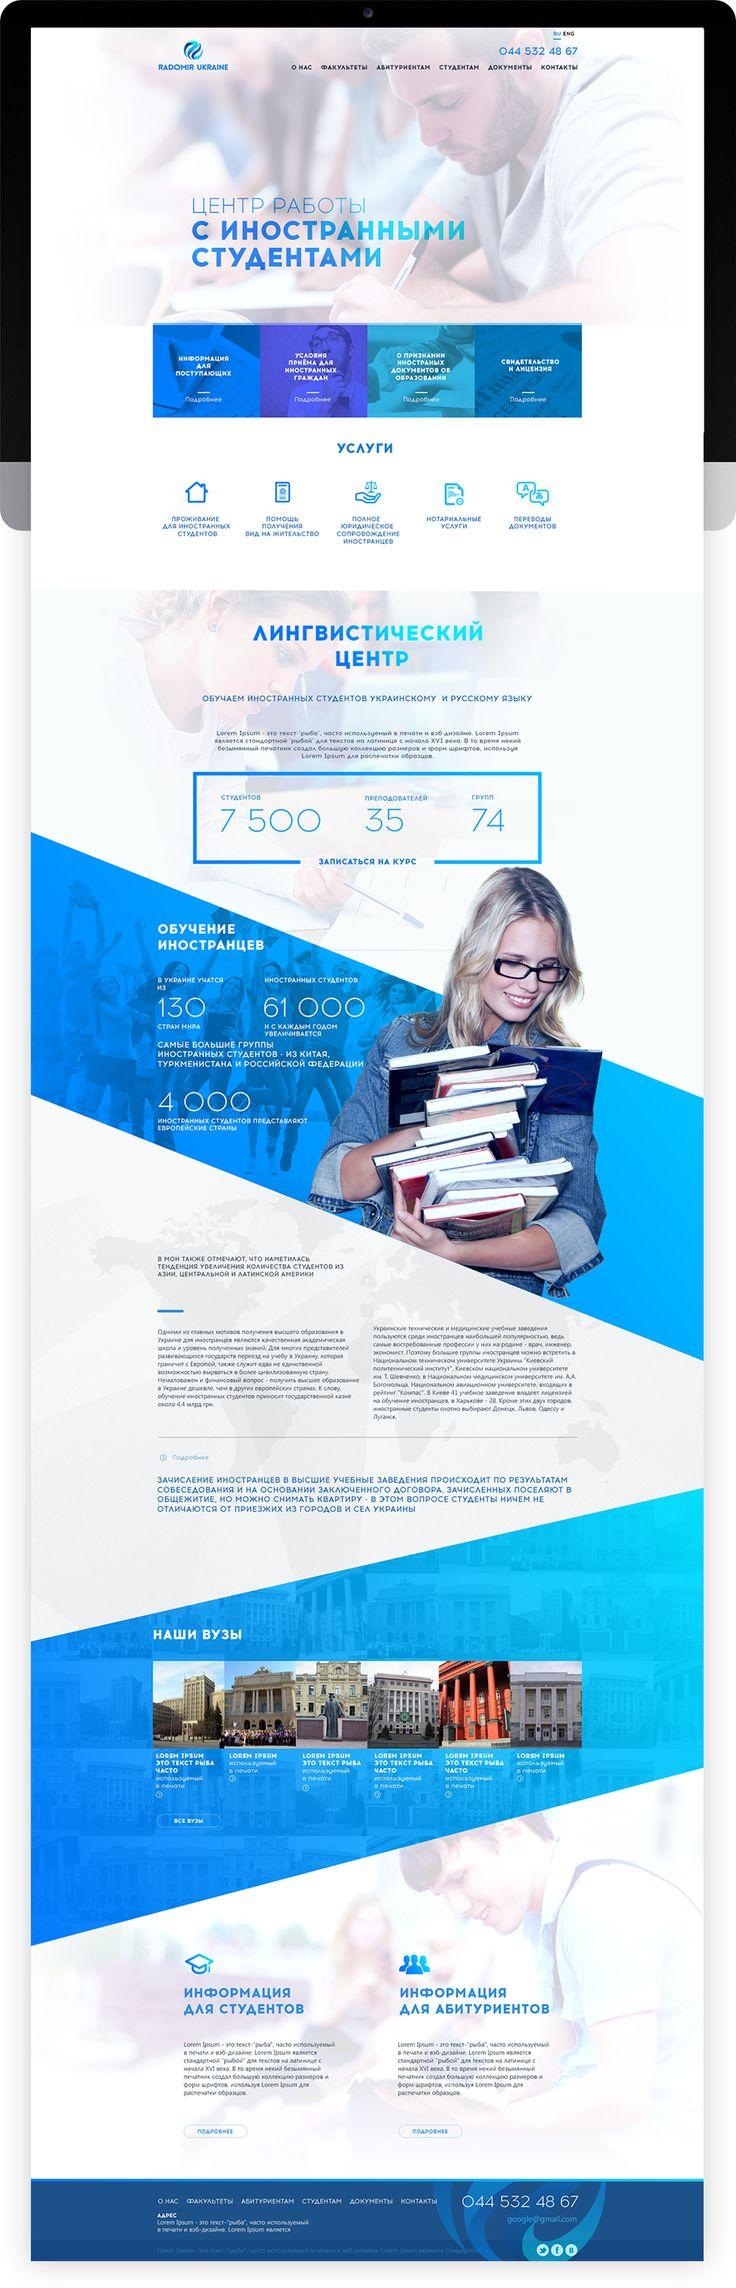 Нами была разработана landing page, реализована форма обратной связи, а также две языковые версии сайта – на русском и английском языках.